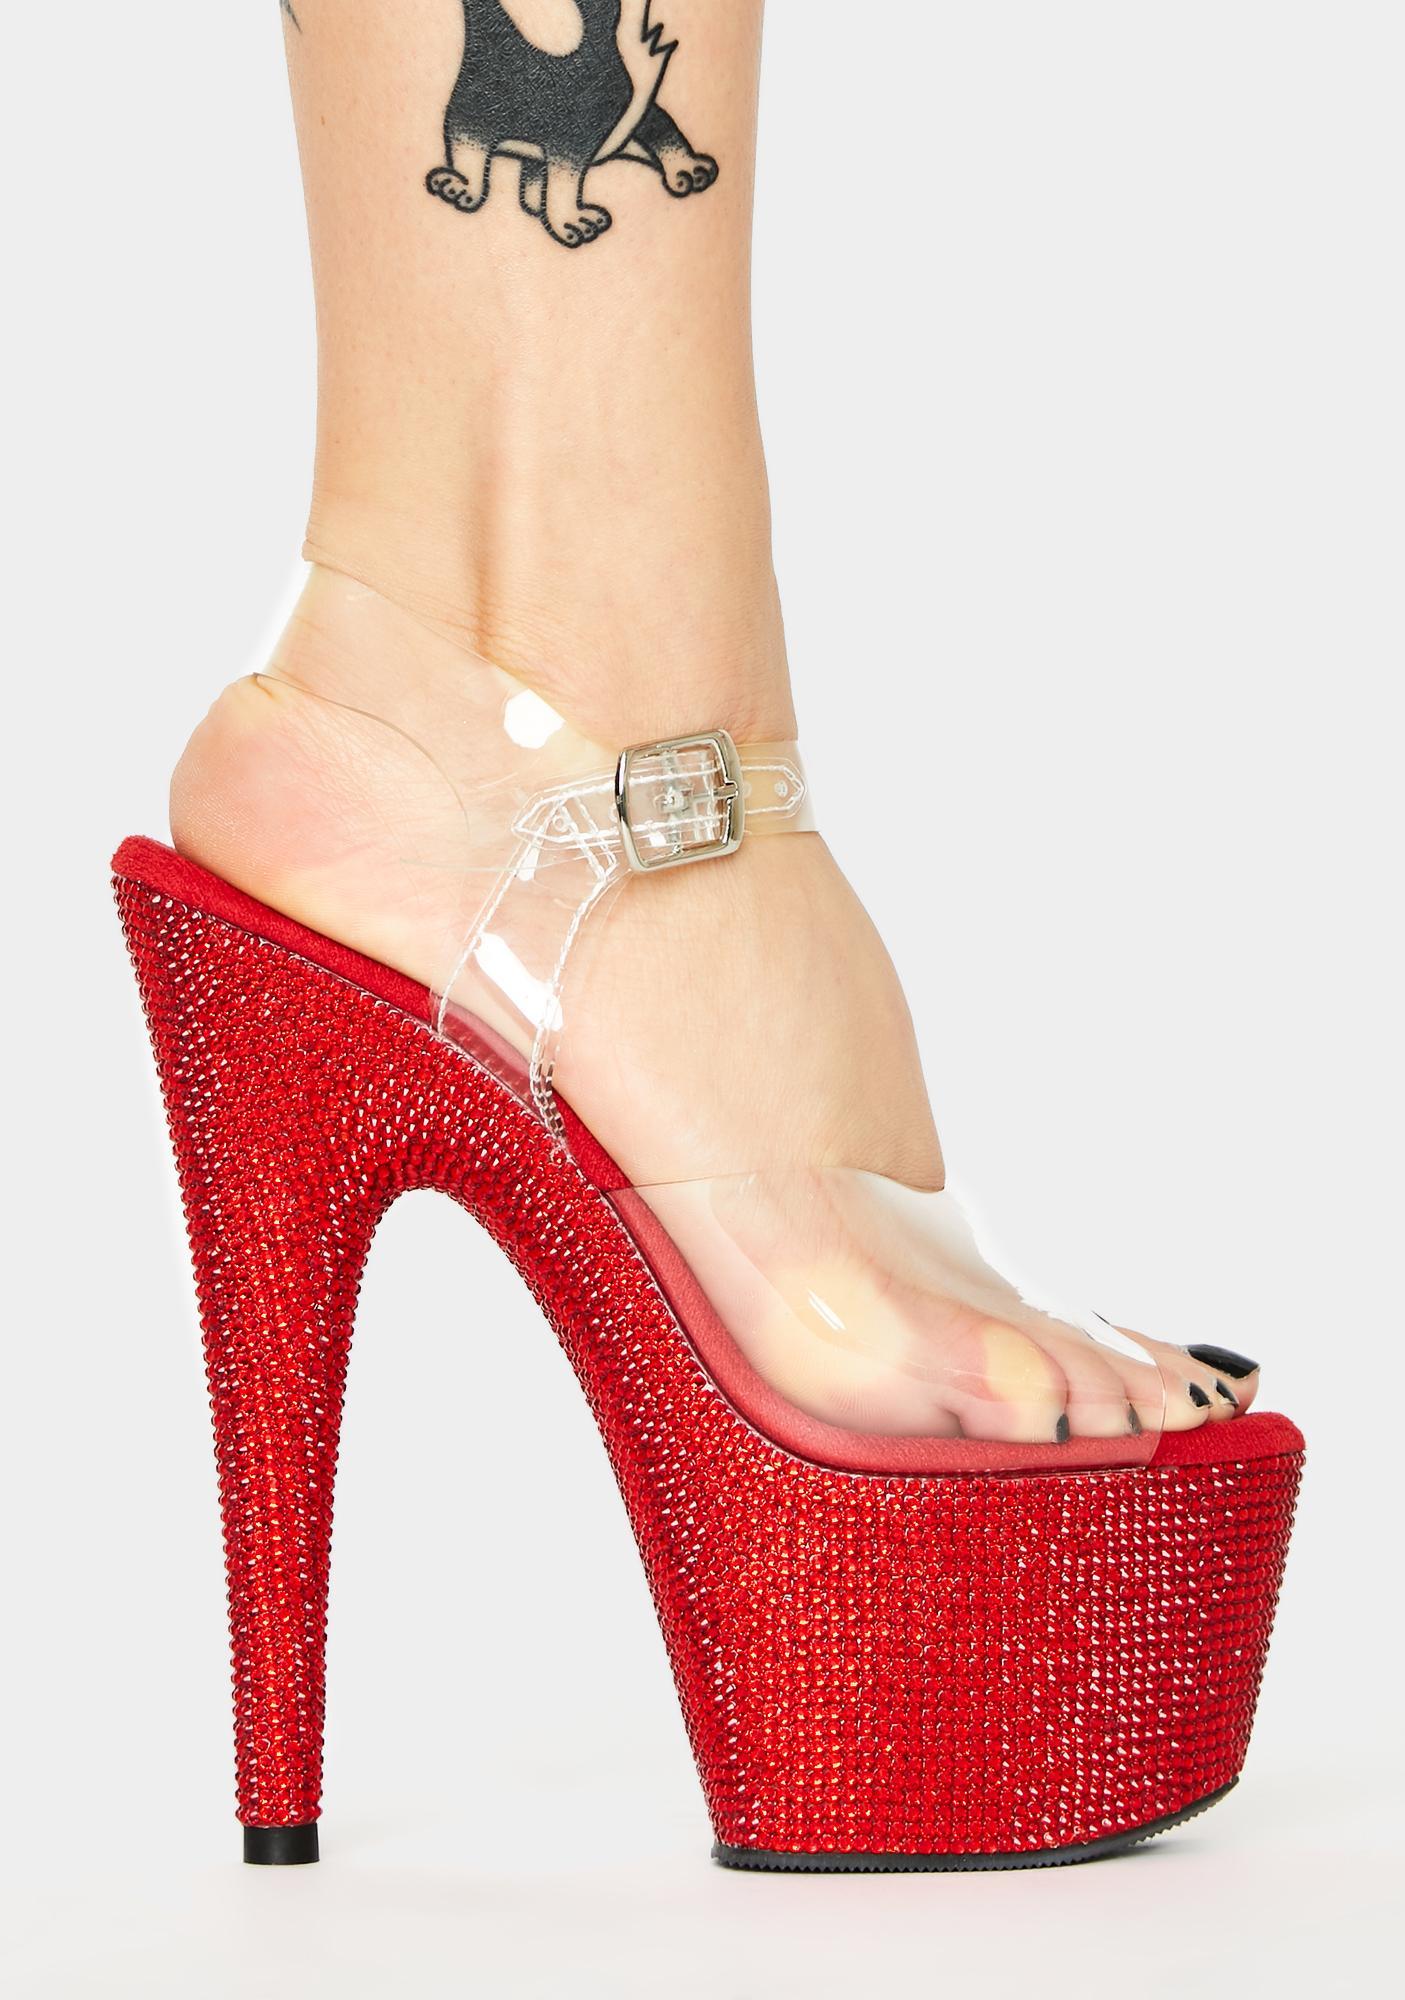 Pleaser Ruby Bejeweled Platform Heels